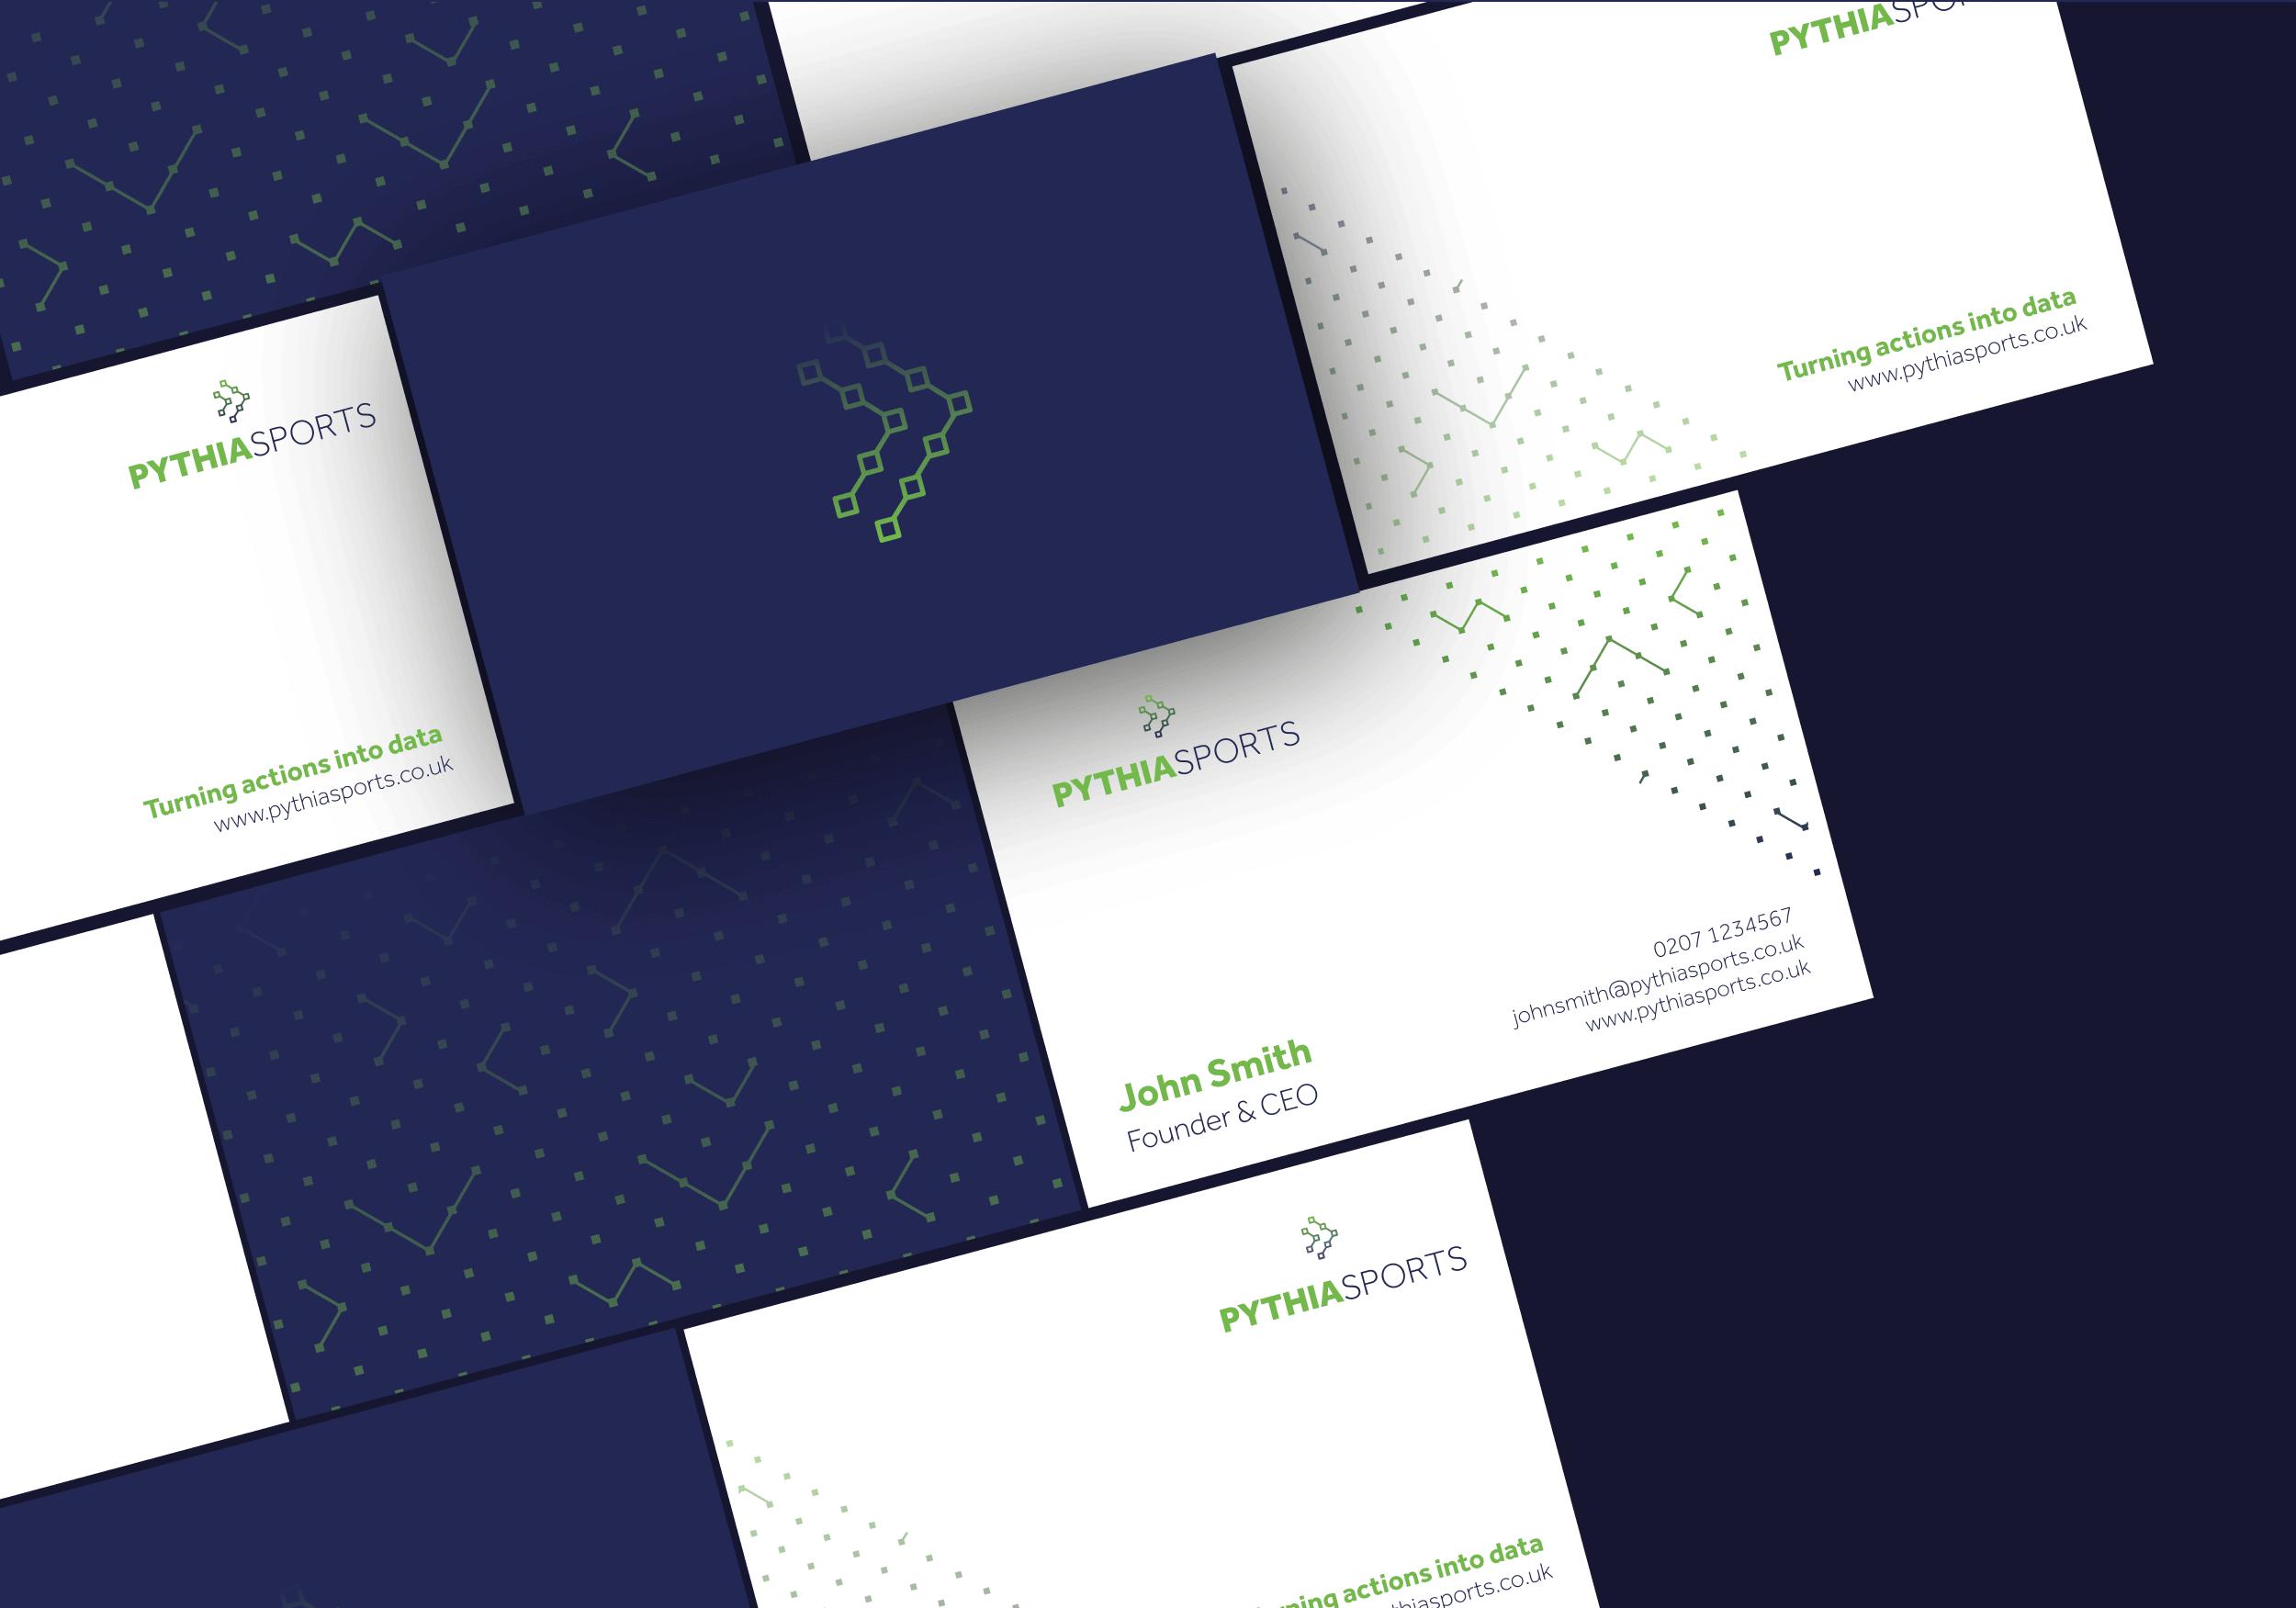 pythiasports brand identity design